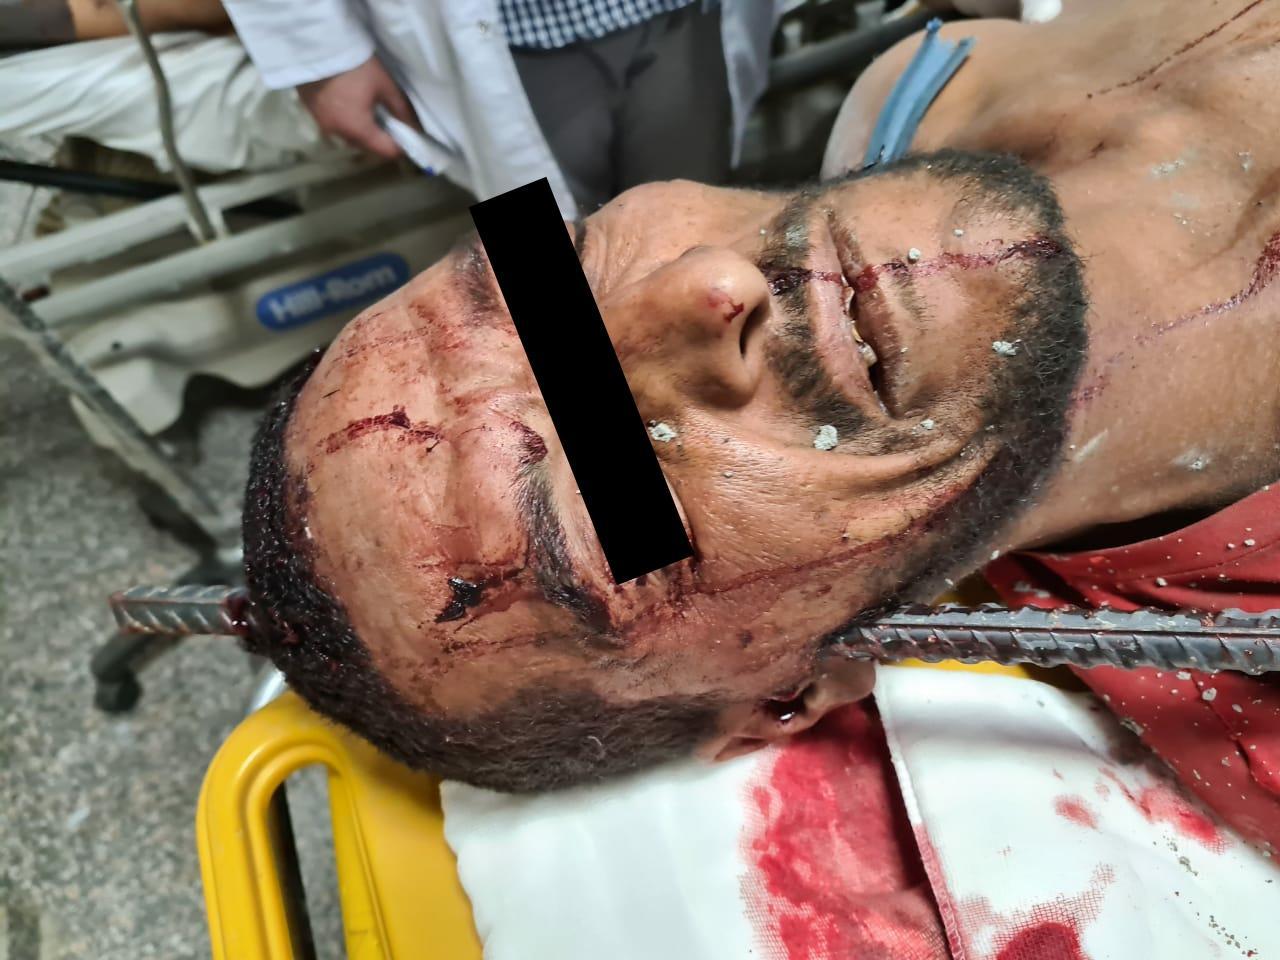 فريق طبى بجامعة أسيوط ينجح فى  استخراج سيخ حديد من جمجمة شاب ثلاثينى